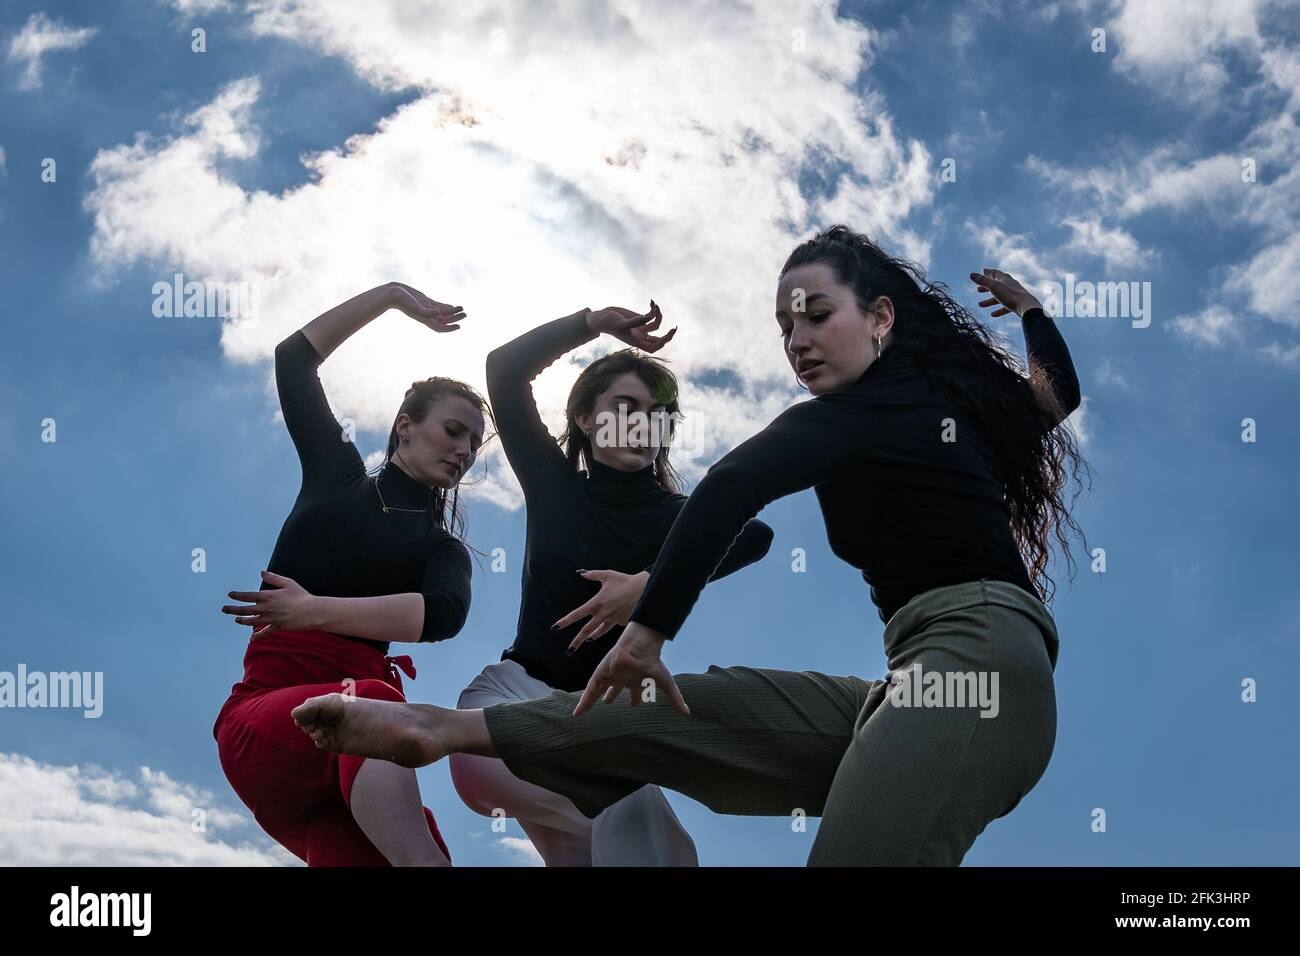 Londres, Royaume-Uni. 28 avril 2021. Journée internationale de la danse : les danseurs de Ranbu se produisent sur Hampstead Heath avant la Journée internationale de la danse le 29 avril (L-R Belinda Roy, Sophie Chinner, Coralie Calfond). Le nouveau collectif de danse basé à Londres et au Japon vise à créer une plate-forme pour les danseurs contemporains de collaborer, de jouer et de partager des idées avec d'autres artistes. Célébrée pour la première fois en 1982, la Journée internationale de la danse a lieu chaque année depuis la naissance de Jean-Georges Noverre (1727-1810), créateur du ballet moderne. Credit: Guy Corbishley/Alamy Live News Banque D'Images